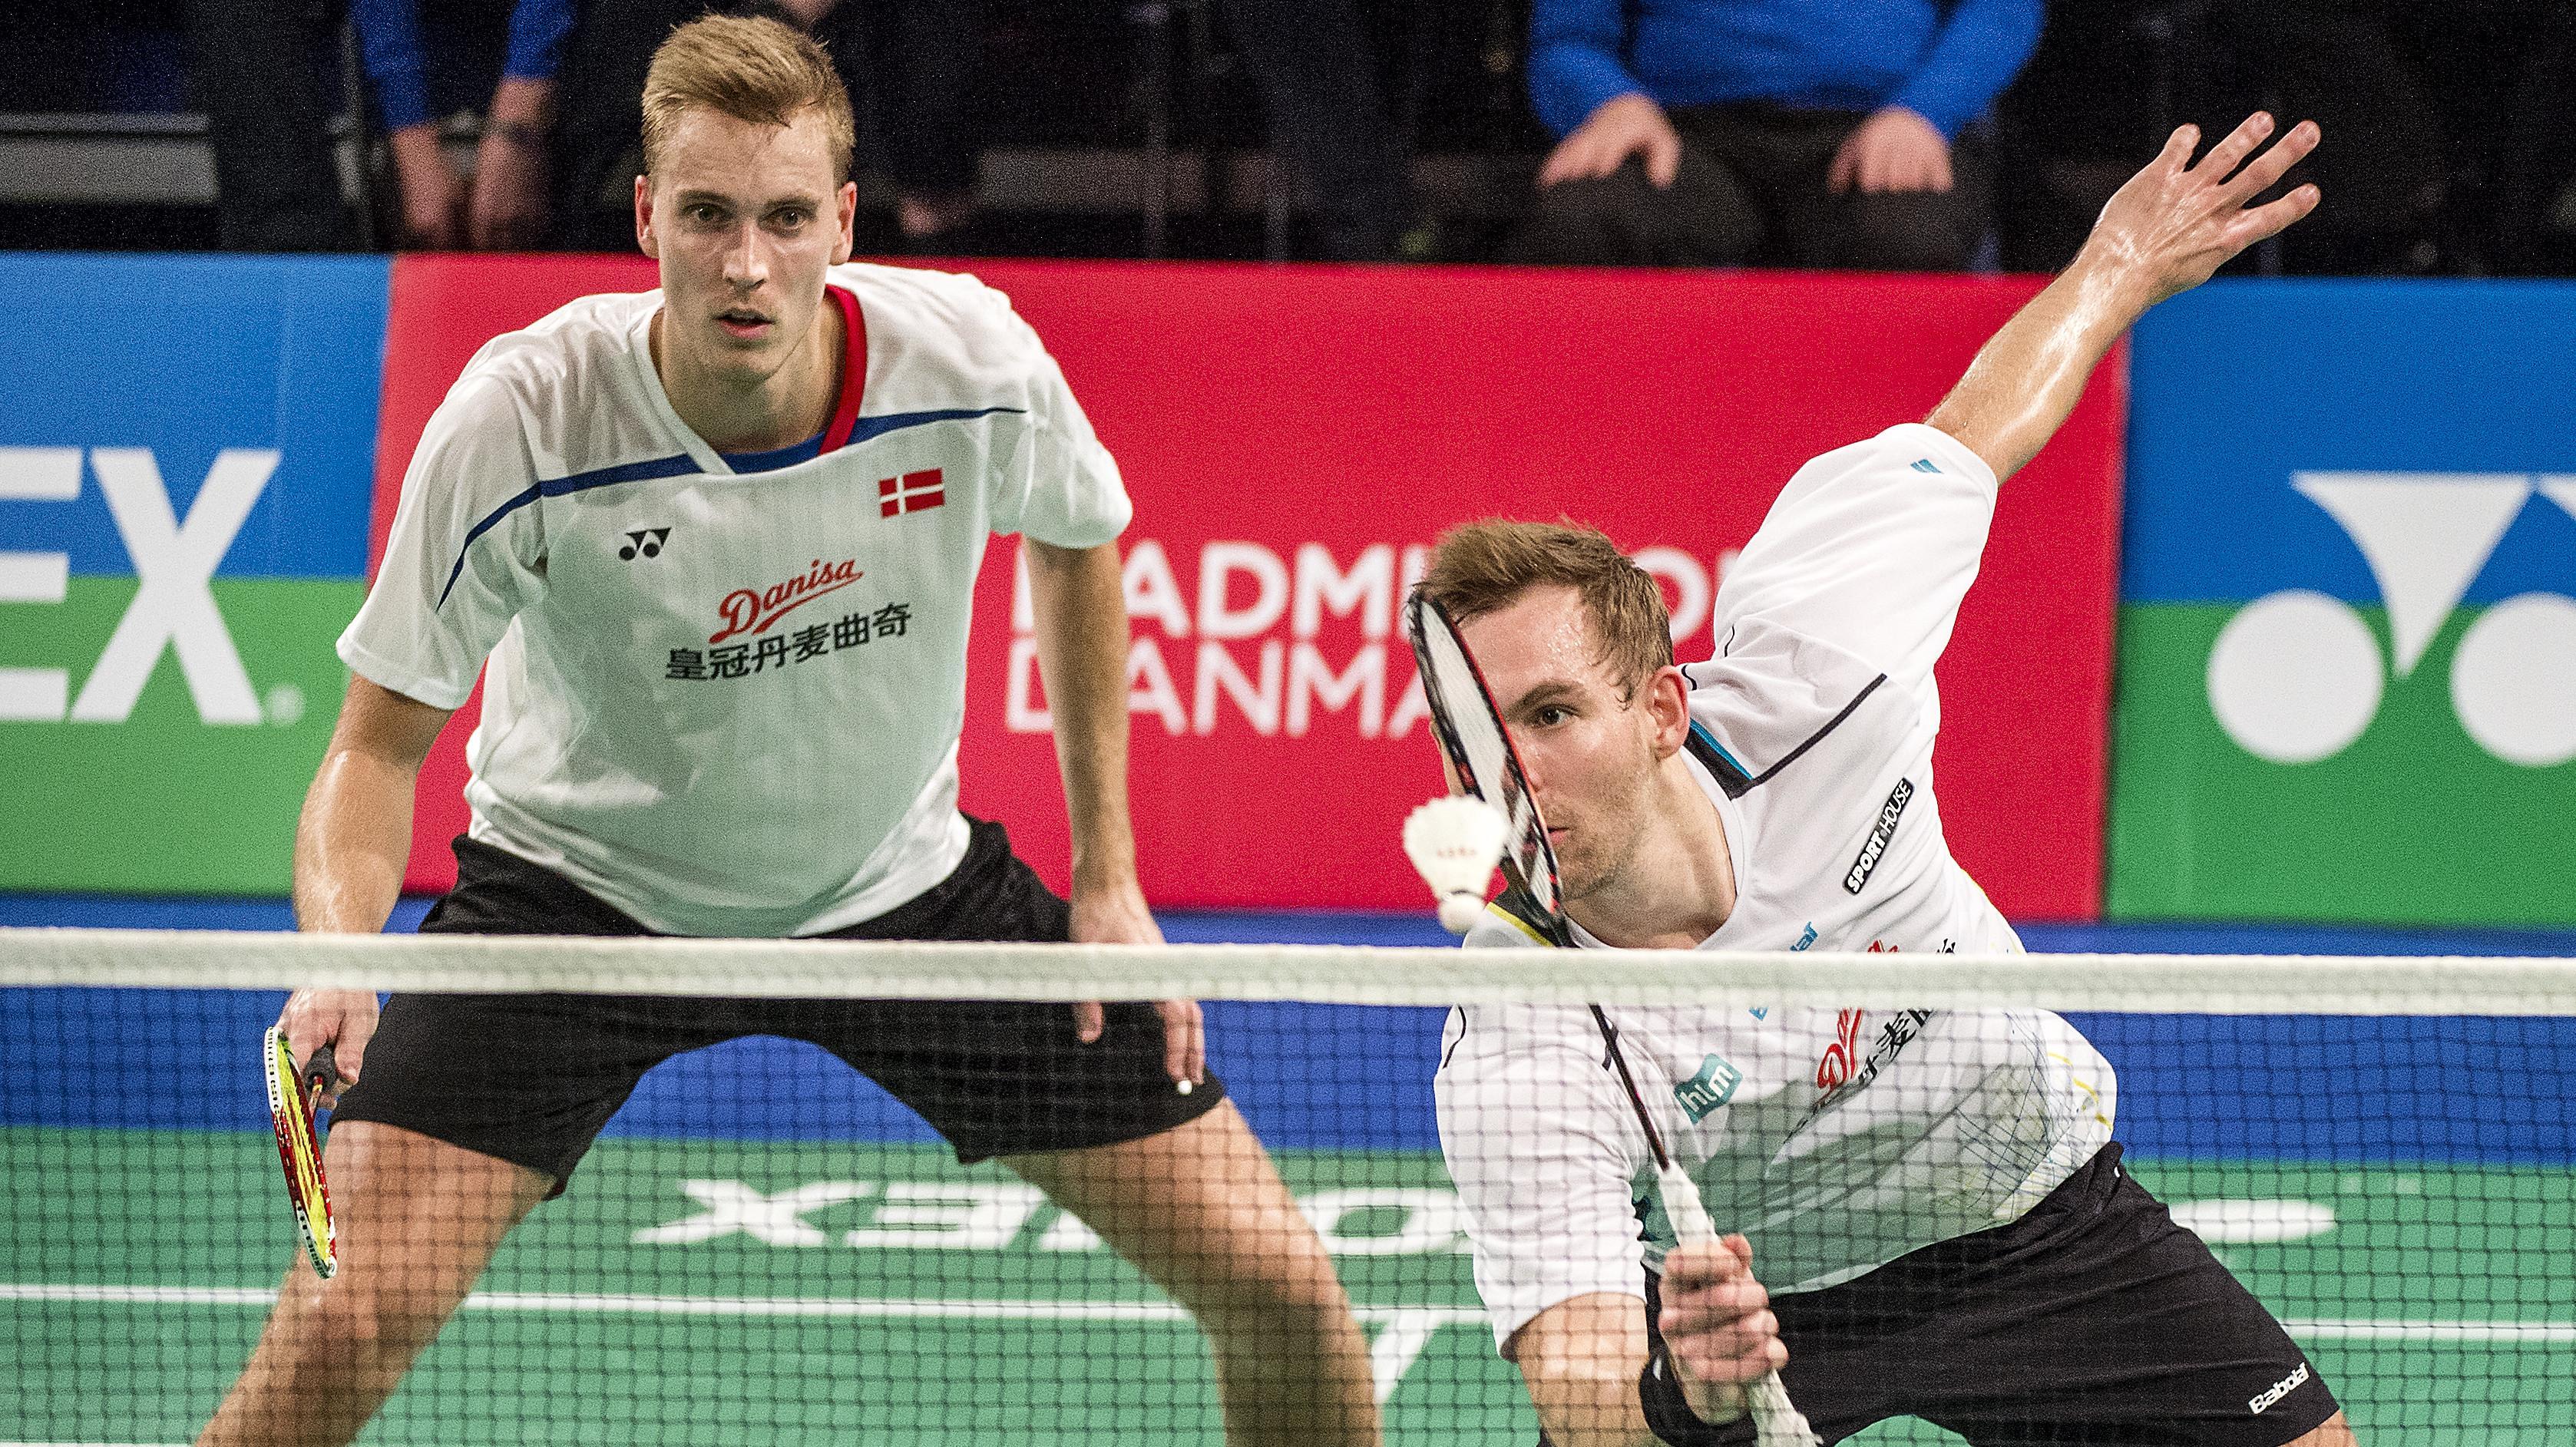 Herredouble sl¥r japanere og er i Super Series finale Badminton